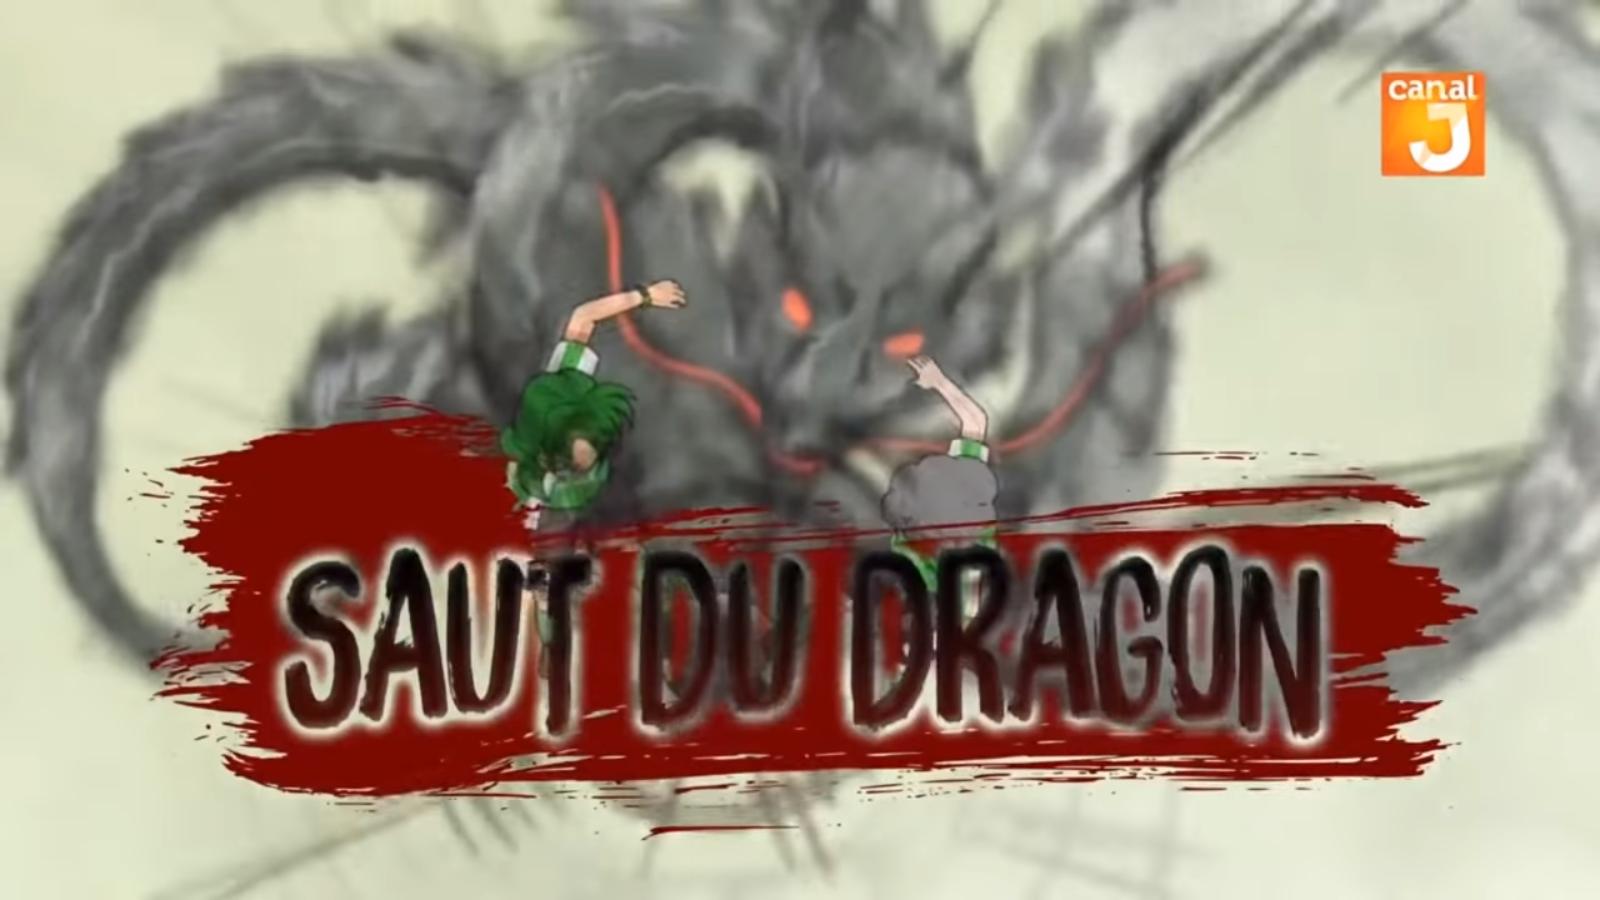 Saut du Dragon